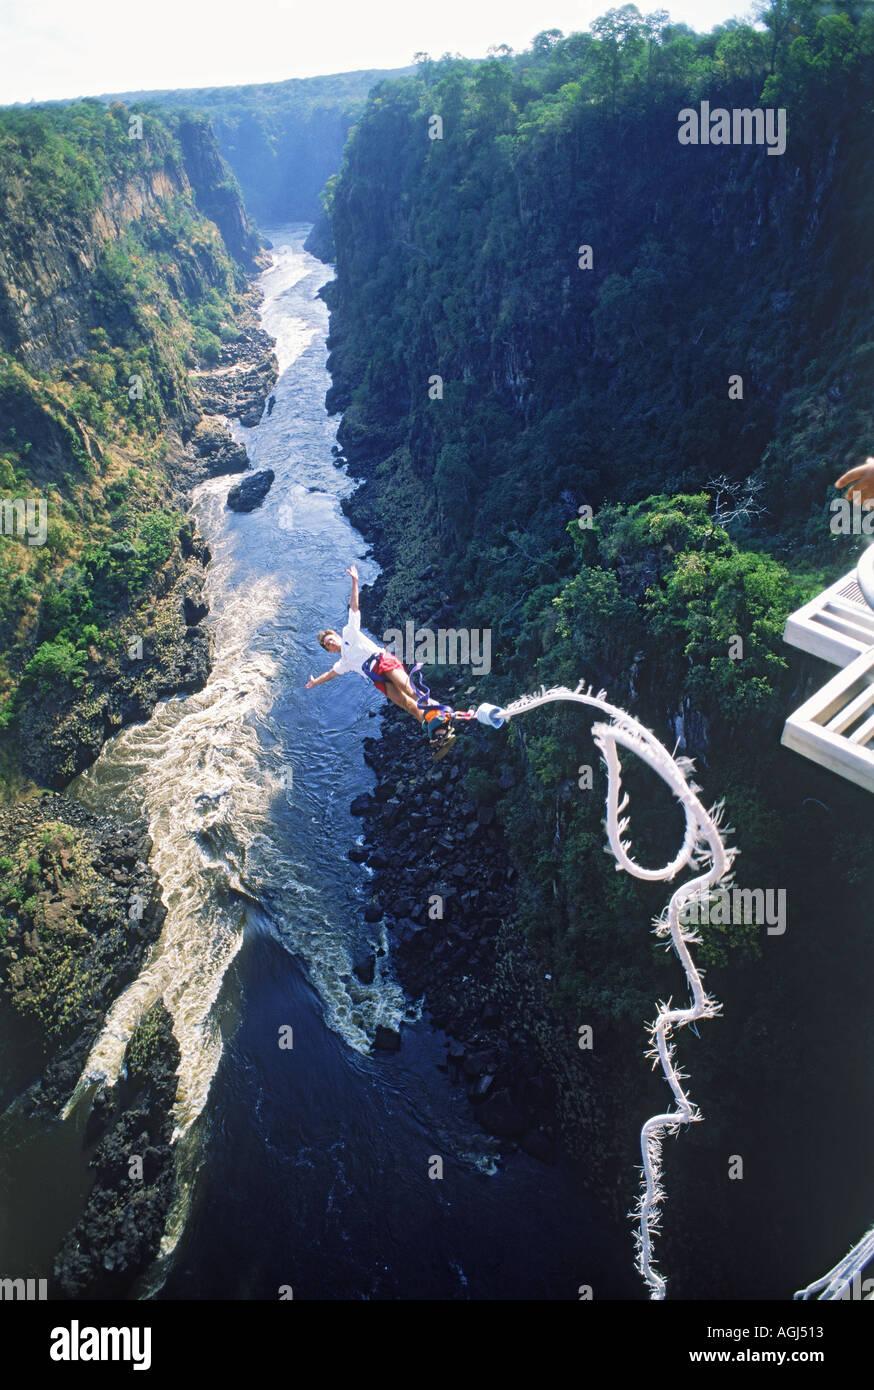 Victoria Falls Live Wallpaper Bungee Jumping Off 152 Meter High Victoria Falls Bridge